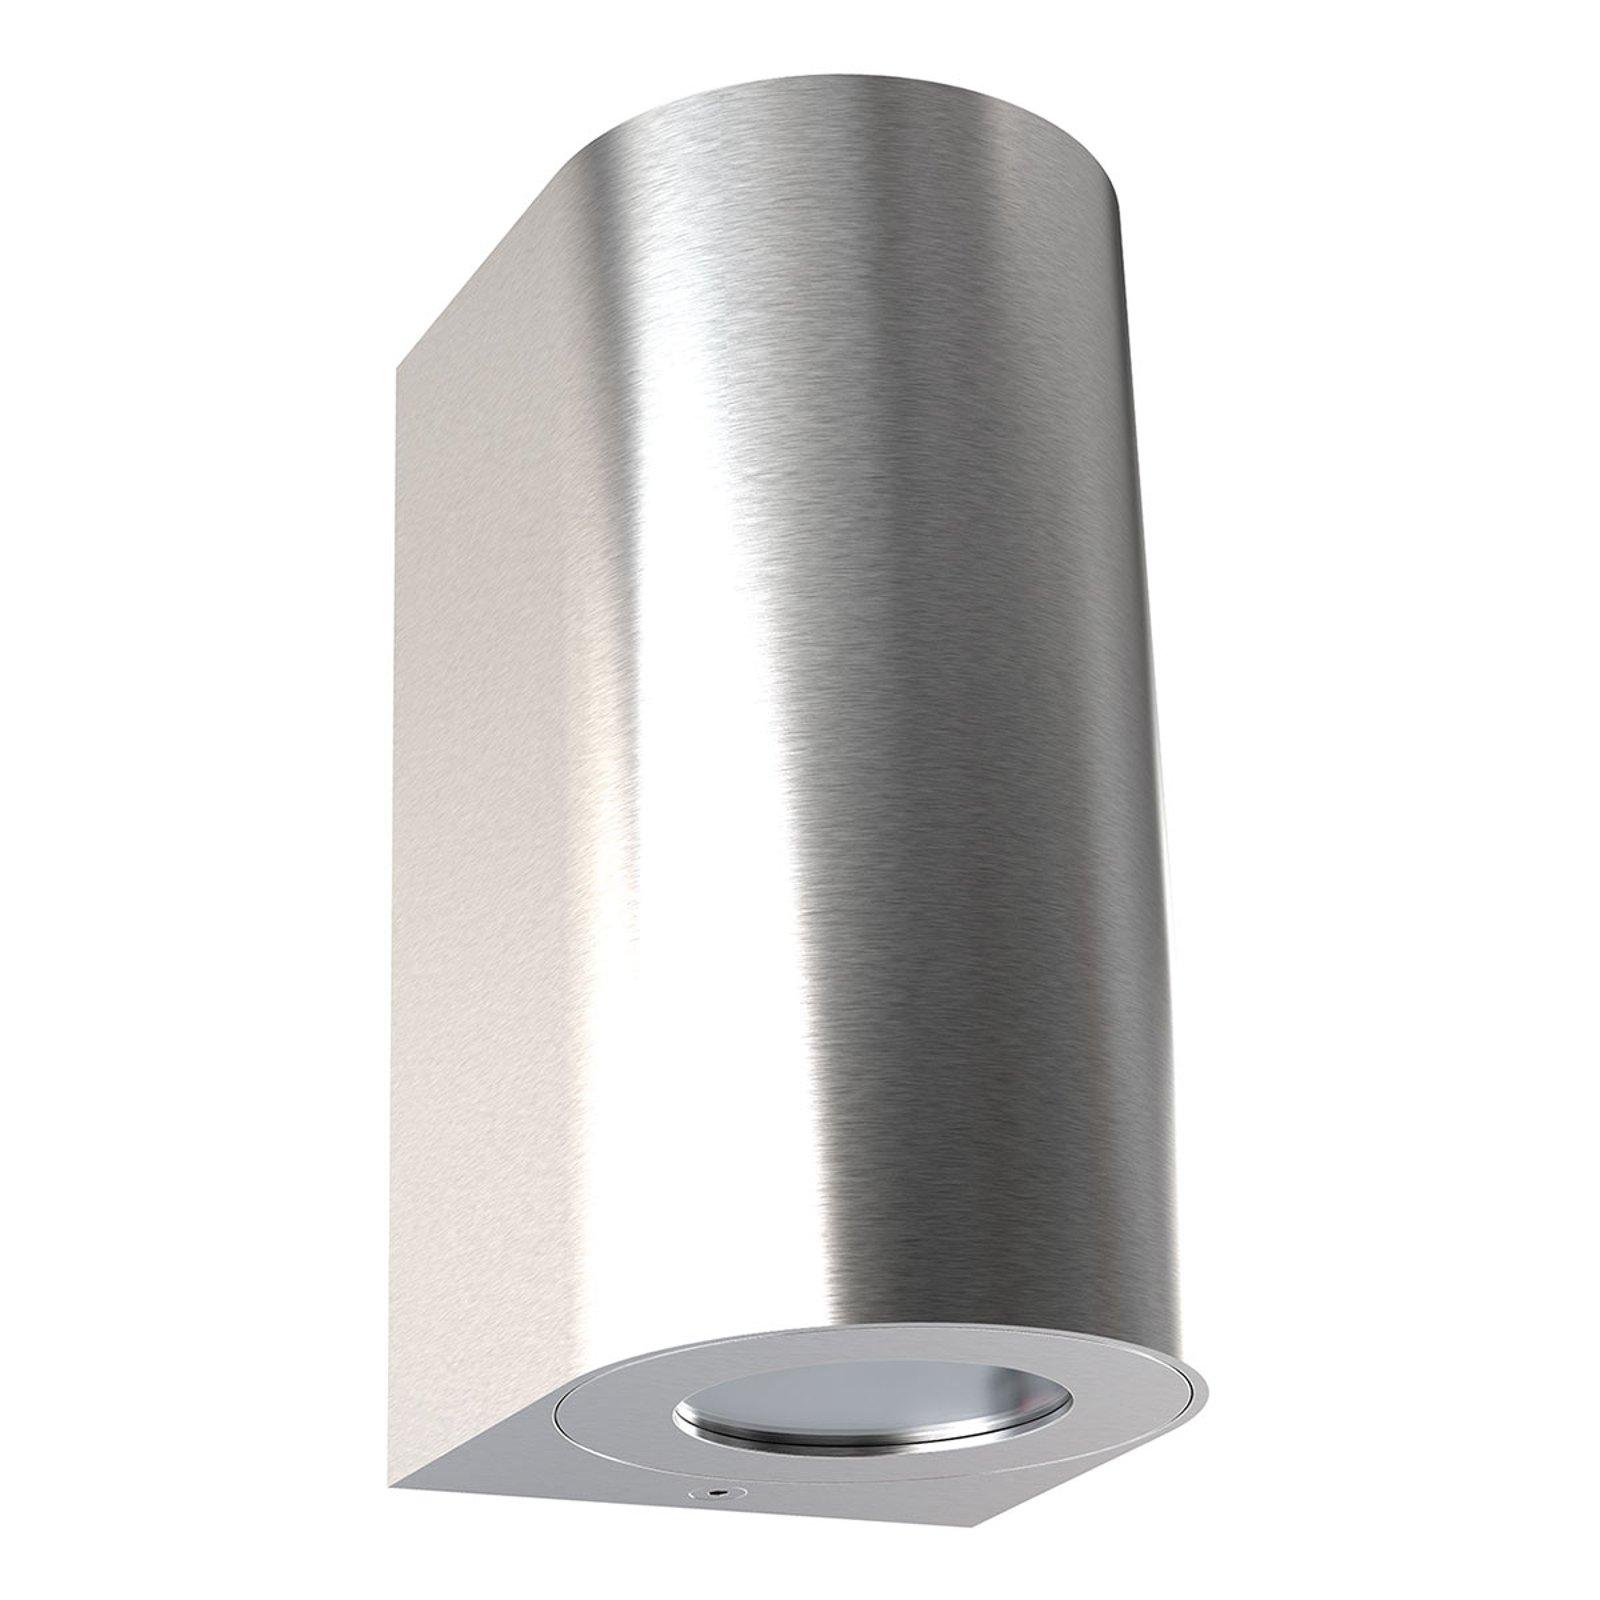 Utendørs vegglampe Canto Maxi 2, rustfritt stål